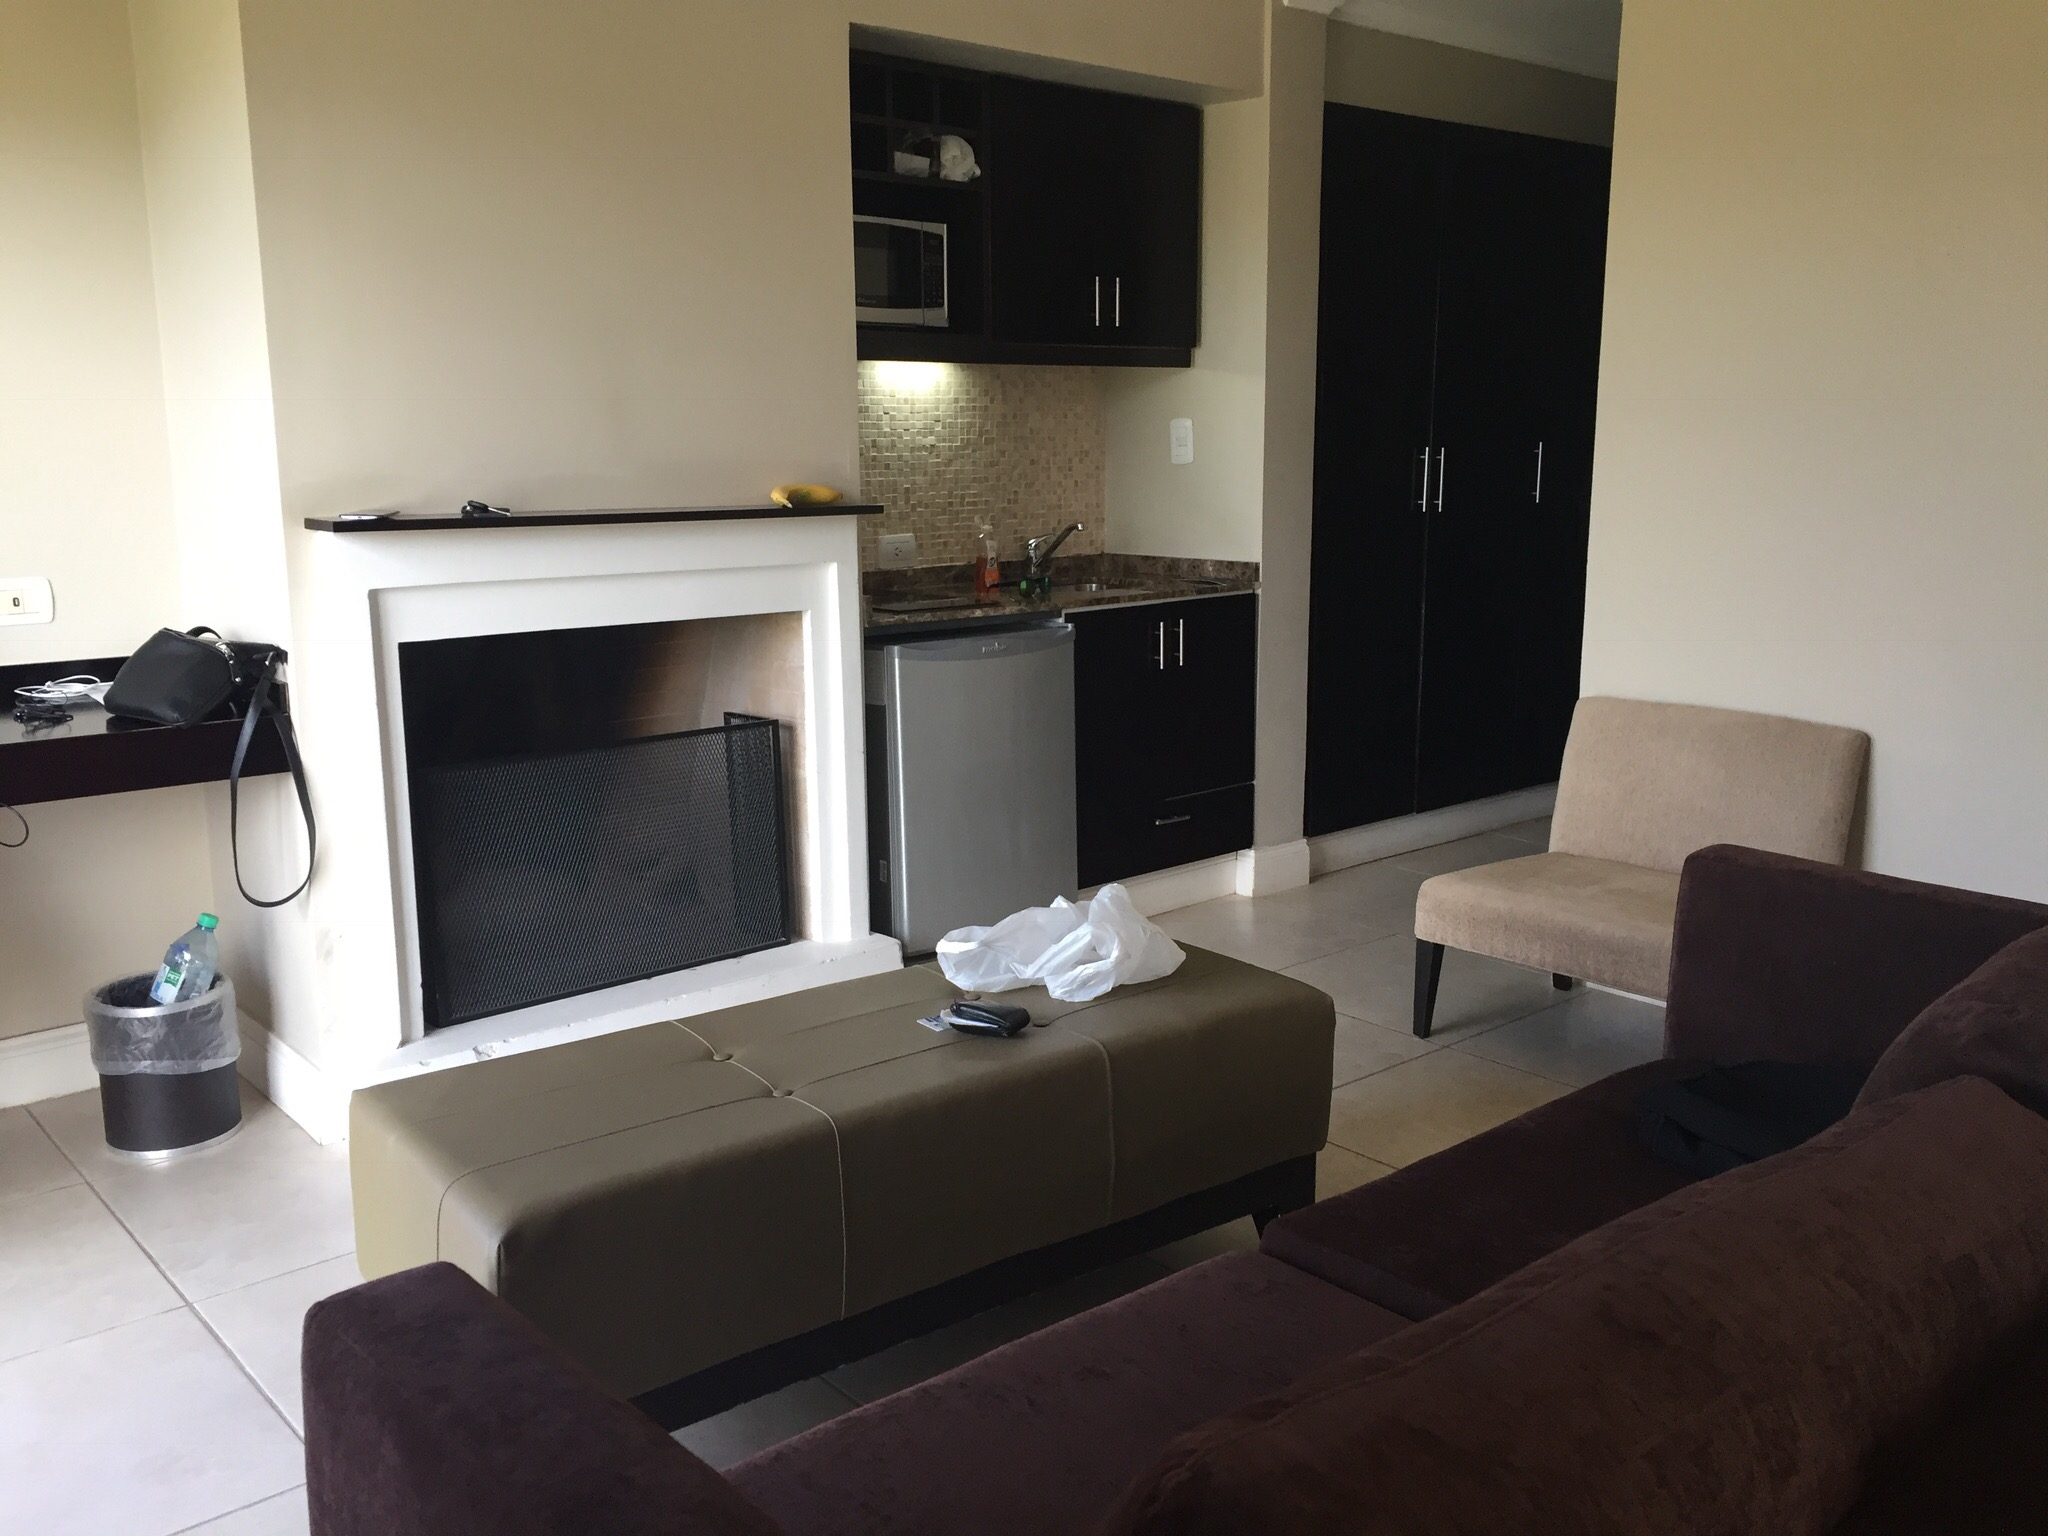 img 8912 - Hotel Auberge du Vin en Mendoza